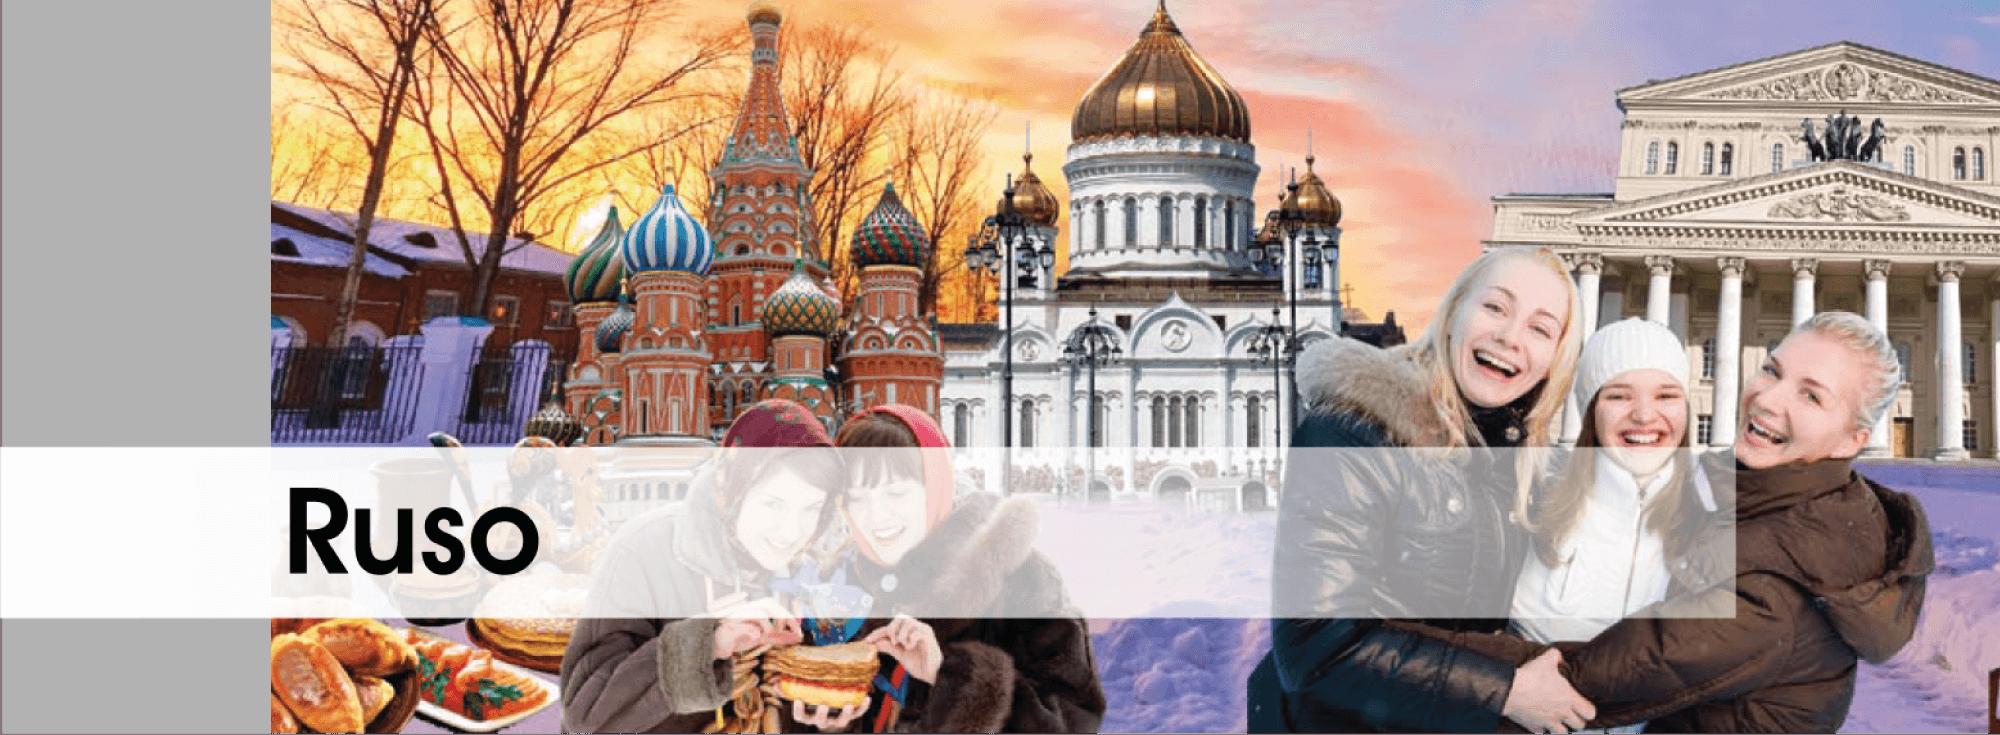 Curso Ruso Presencial, Curso Ruso Online, Curso de Idiomas